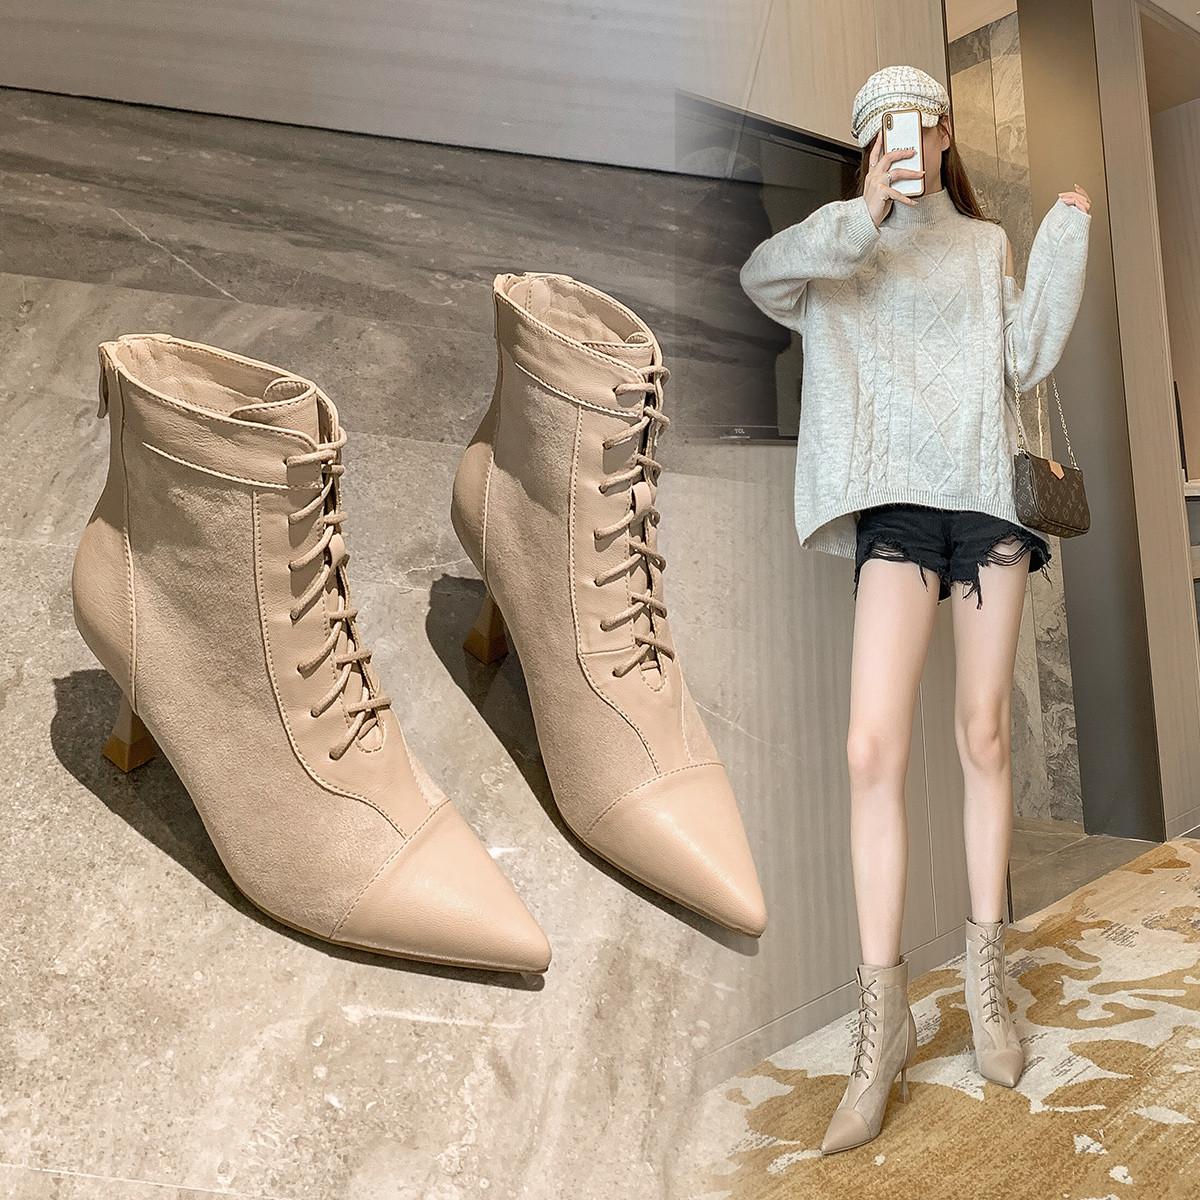 欧洲站法式性感高跟短靴2020秋冬新款尖头加绒保暖时装短筒女靴子